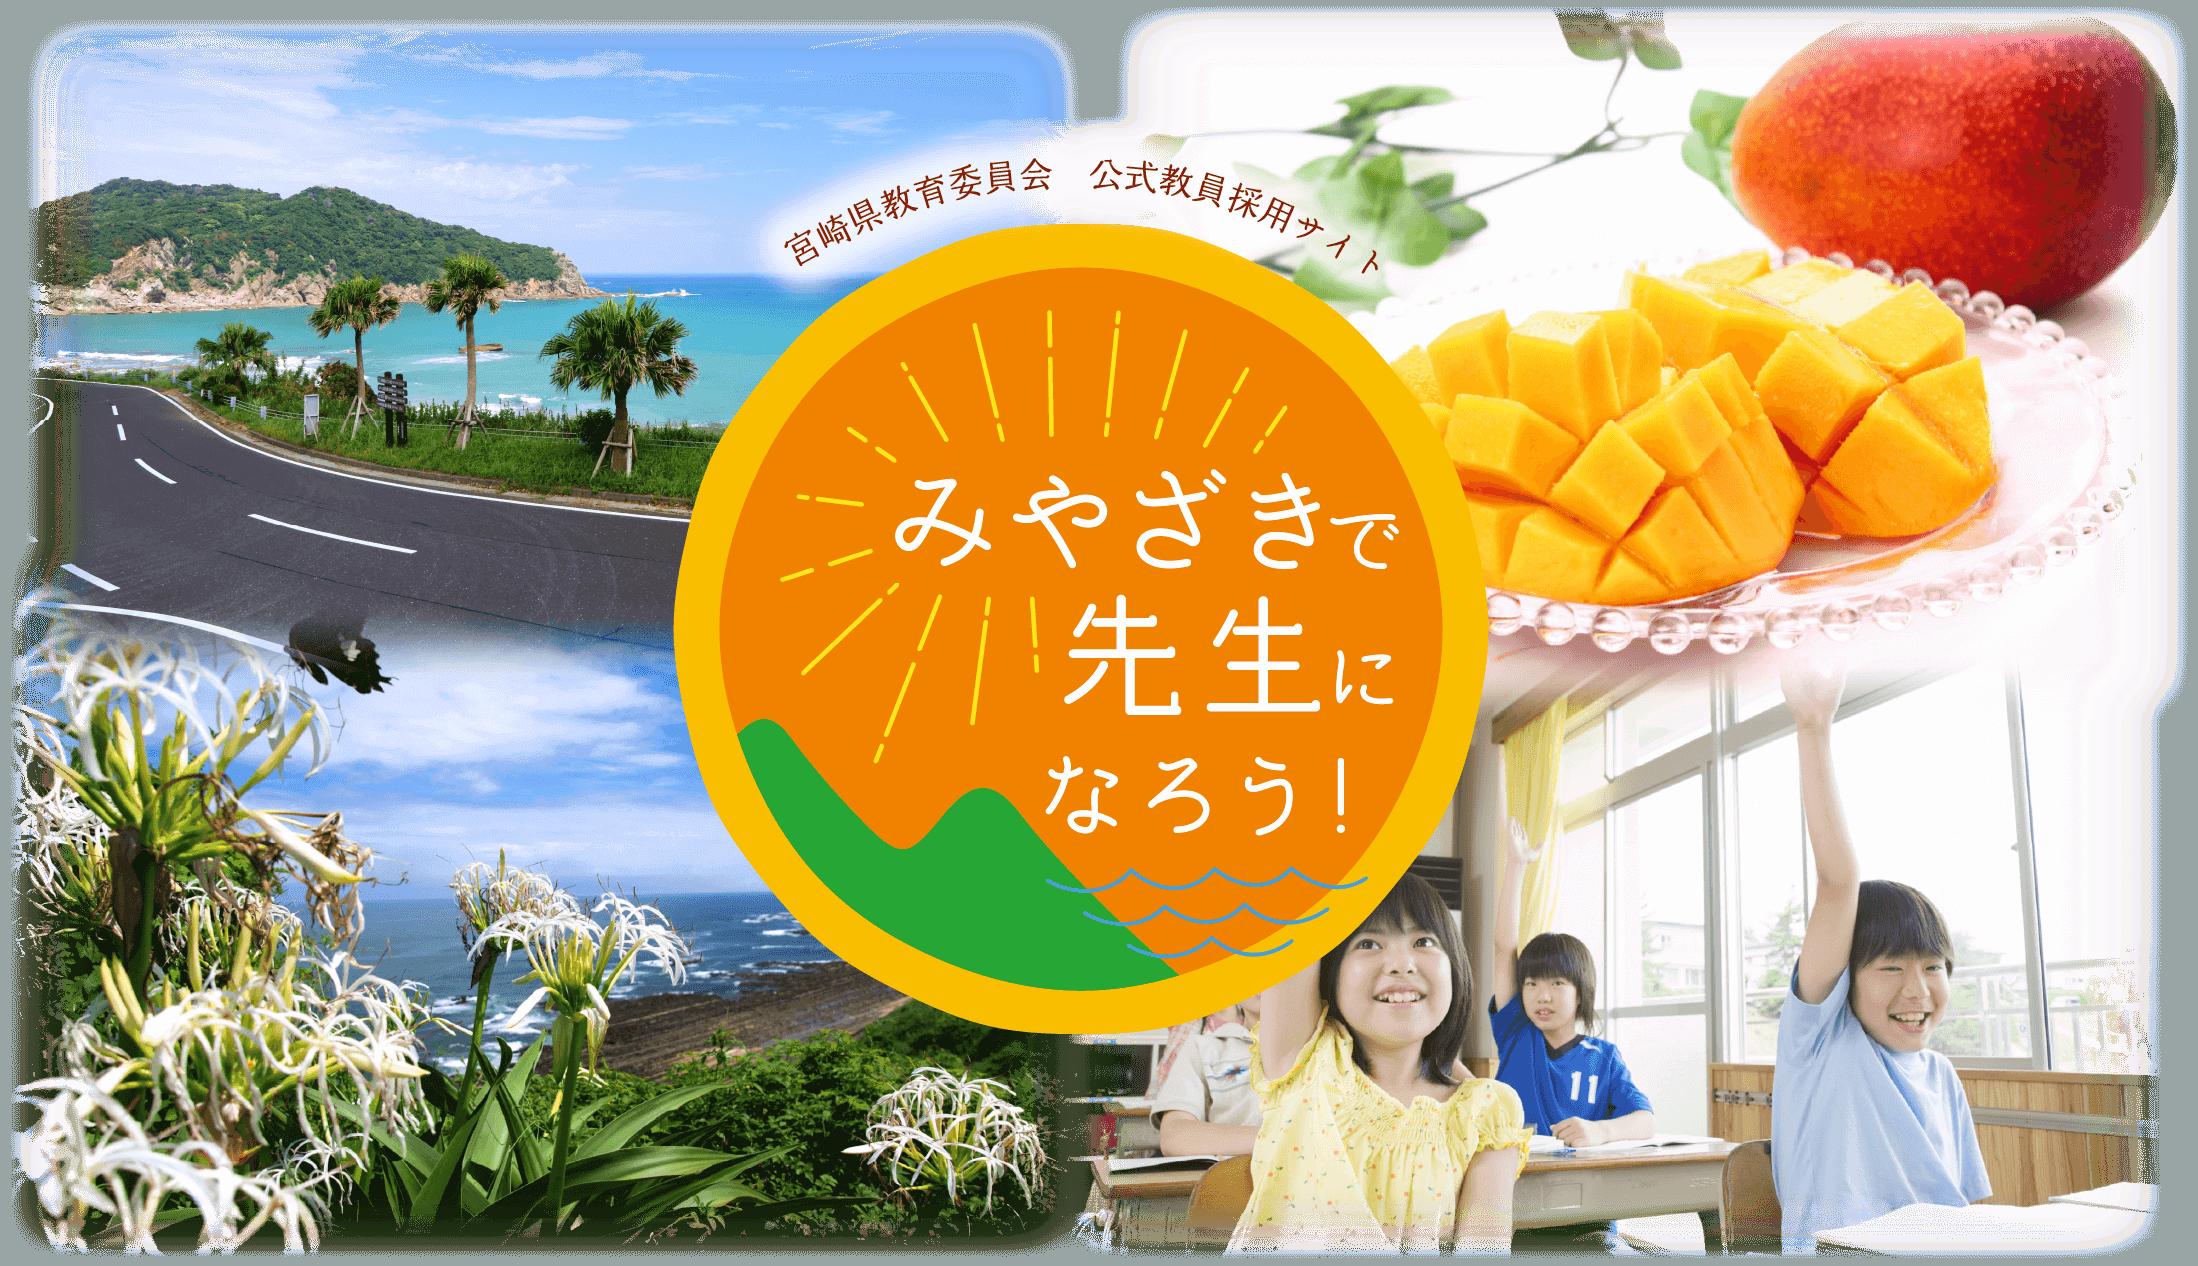 宮崎県教育委員会宮崎県教員採用情報サイト宮崎で先生になろう!